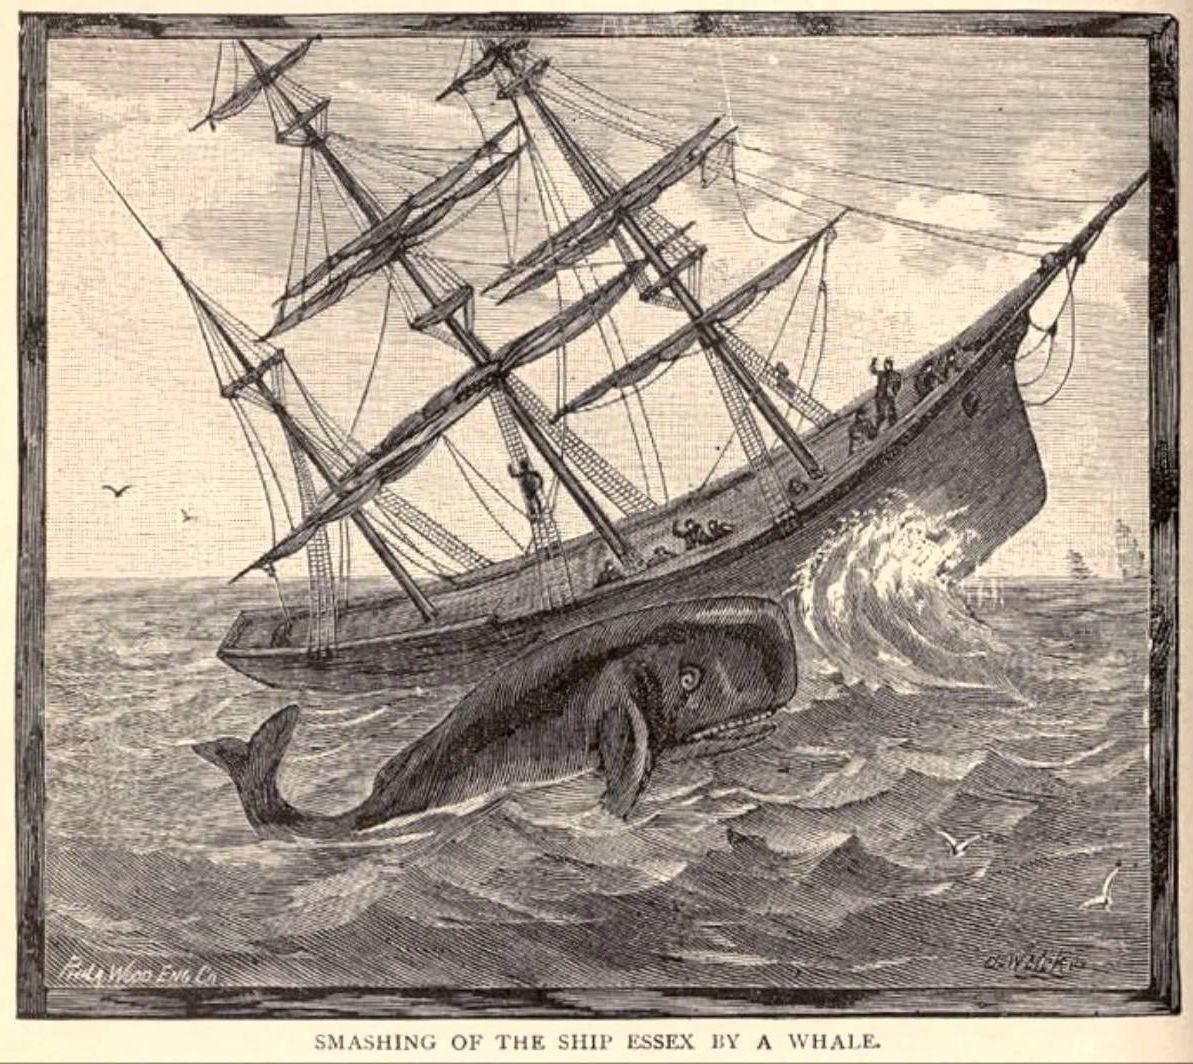 La terribile storia dei sopravvissuti dell'Essex: cannibalismo in alto mare nel XIX secolo